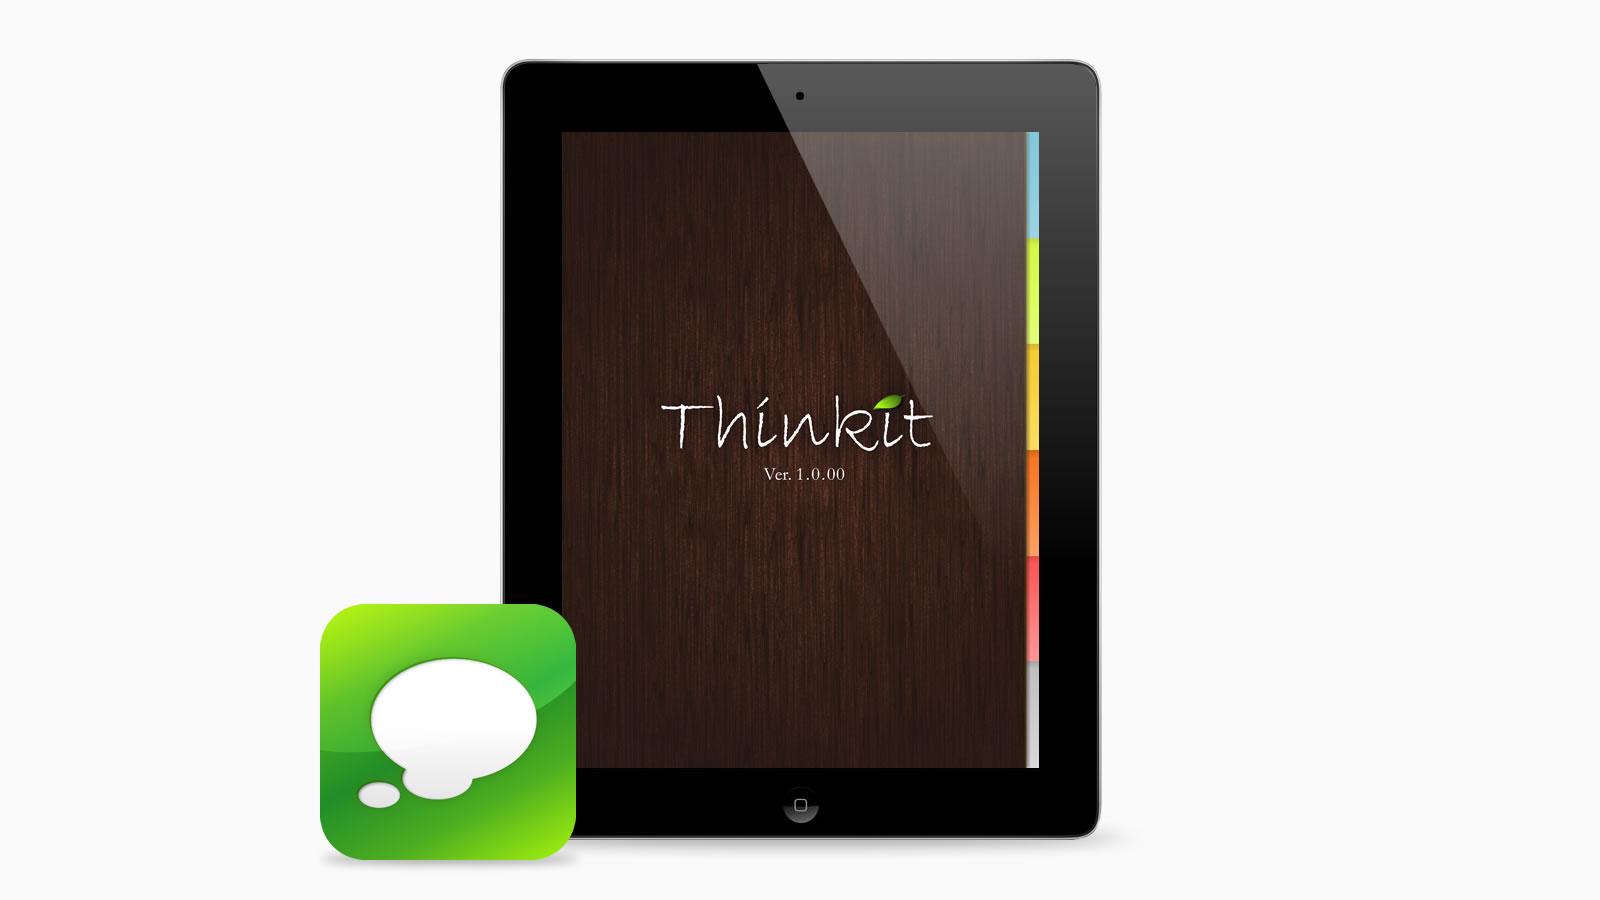 thinkit002